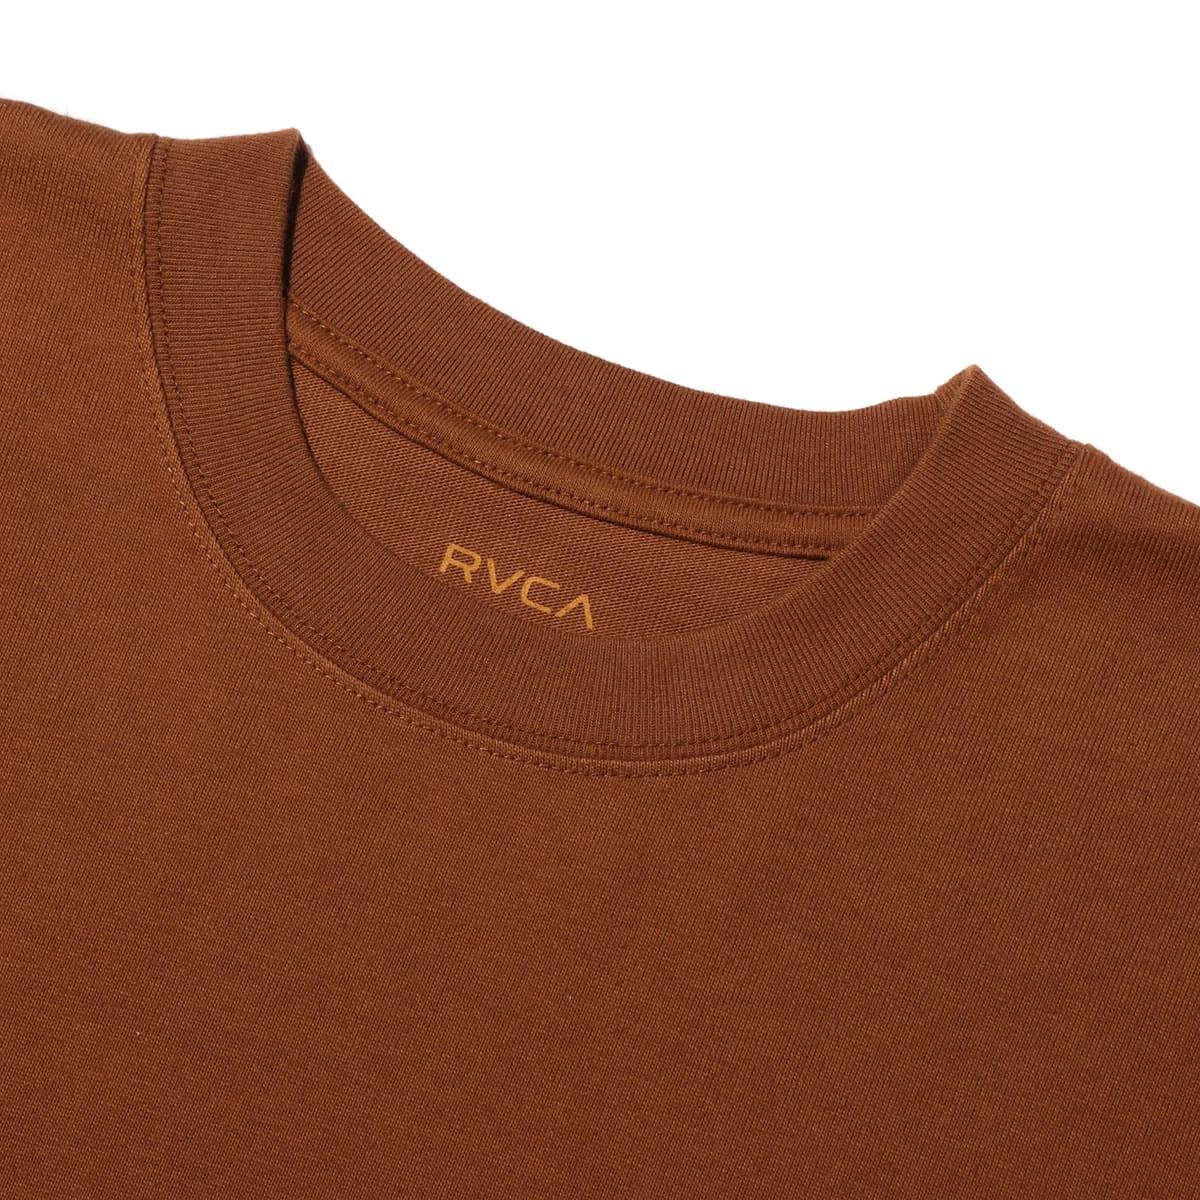 """""""RVCA ARCH RVCA TAPE S/S DARK BROWN 19FA-I""""_photo_3"""